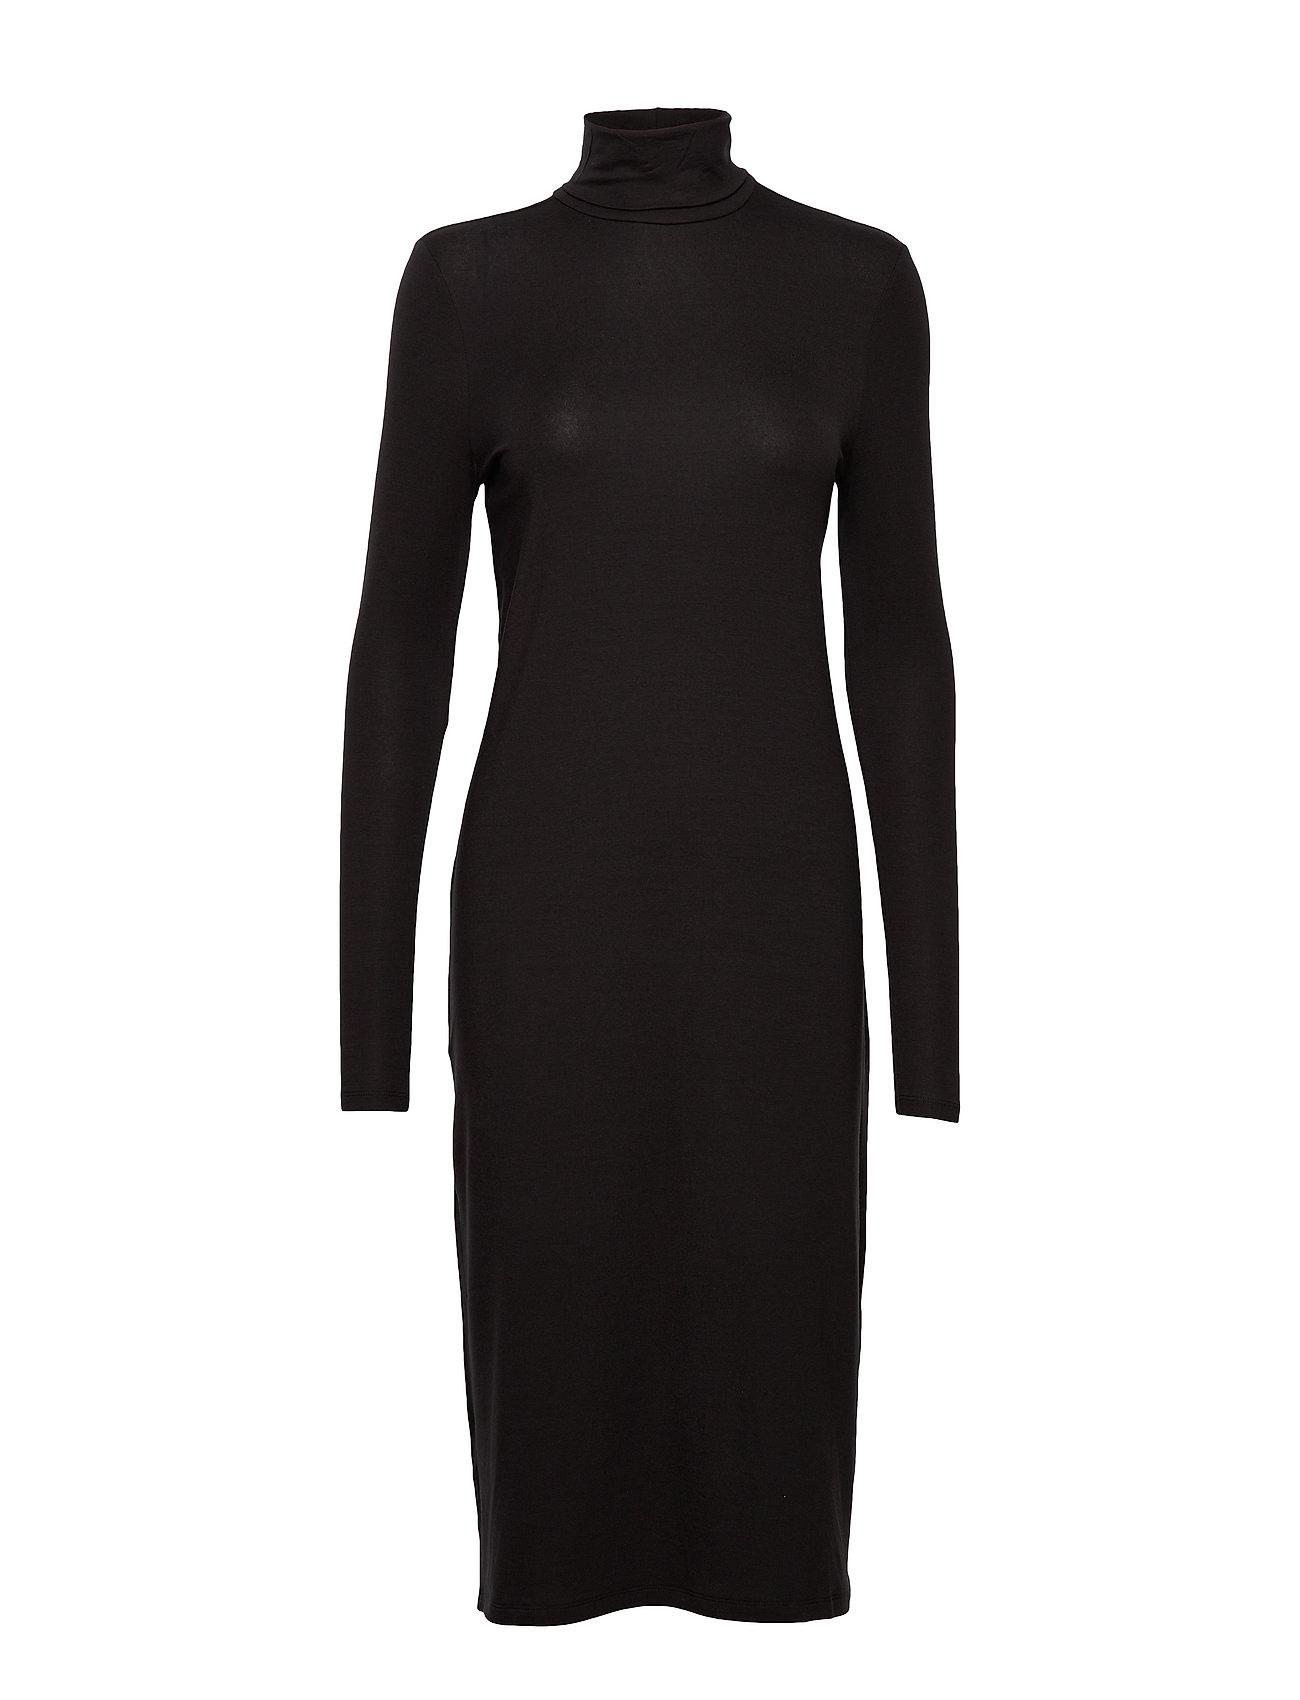 Vero Moda VMGAVA LS ROLL NECK DRESS VMA - BLACK